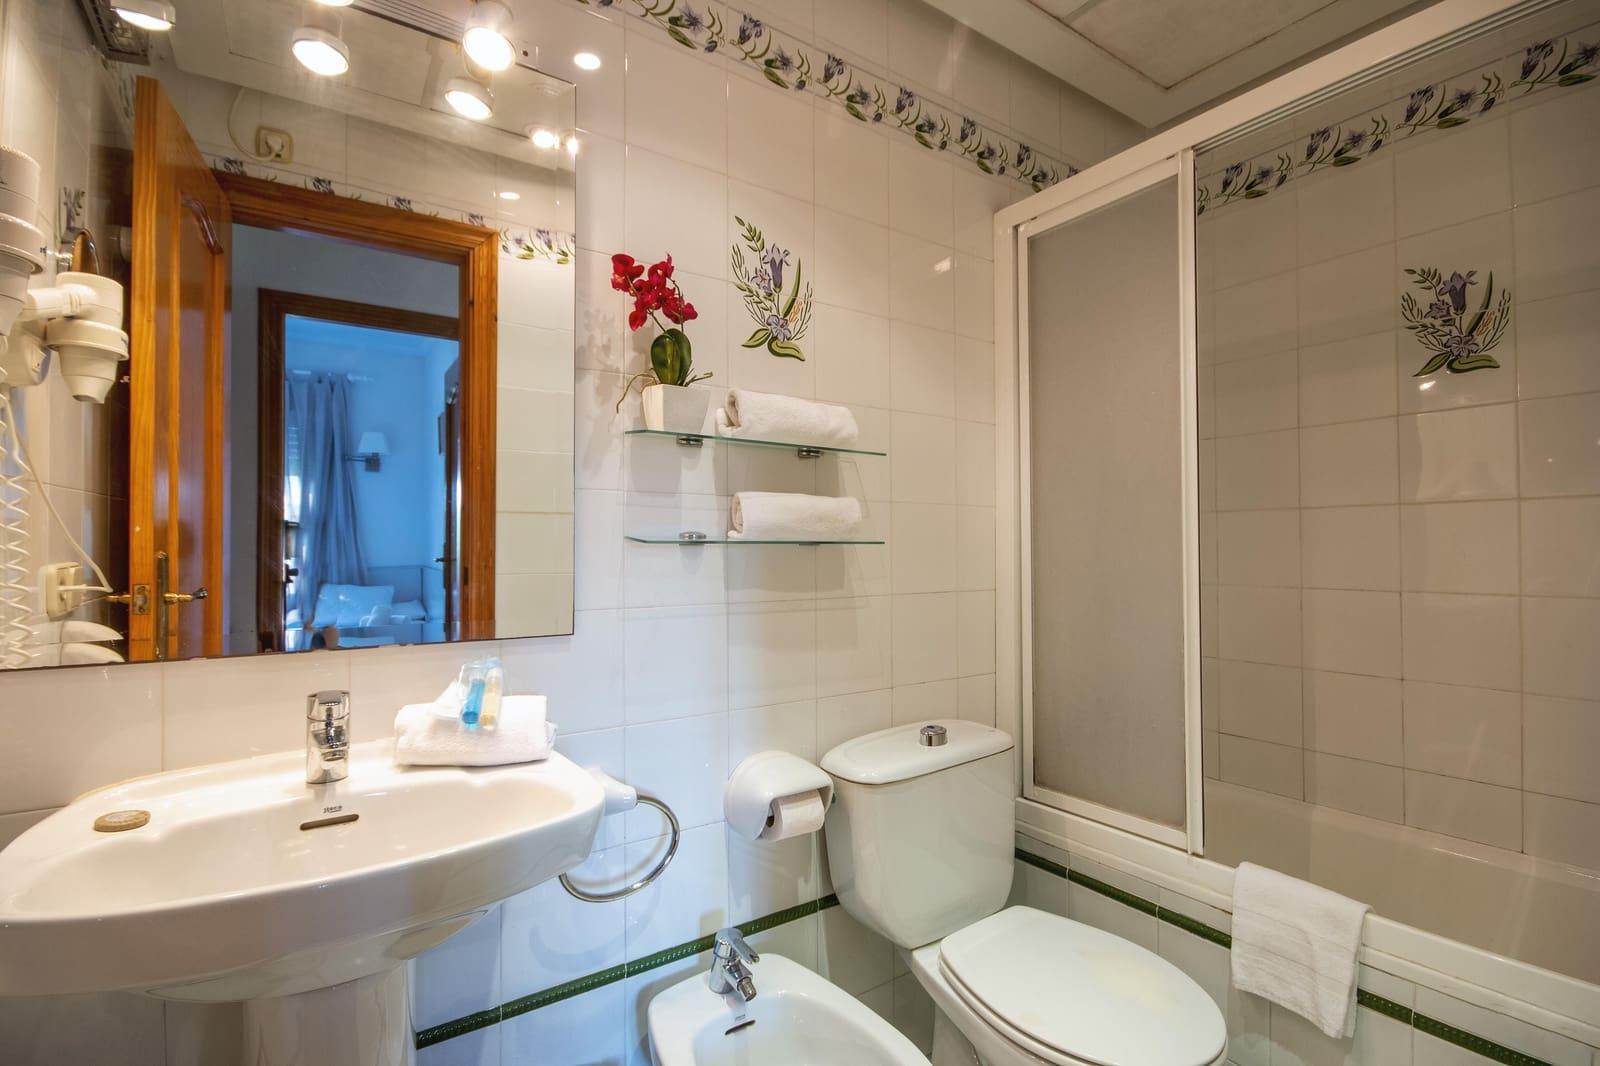 Casa de 4 habitaciones en Javea / Xàbia en alquiler vacacional con piscina garaje - 677 € (Ref: 5640490)